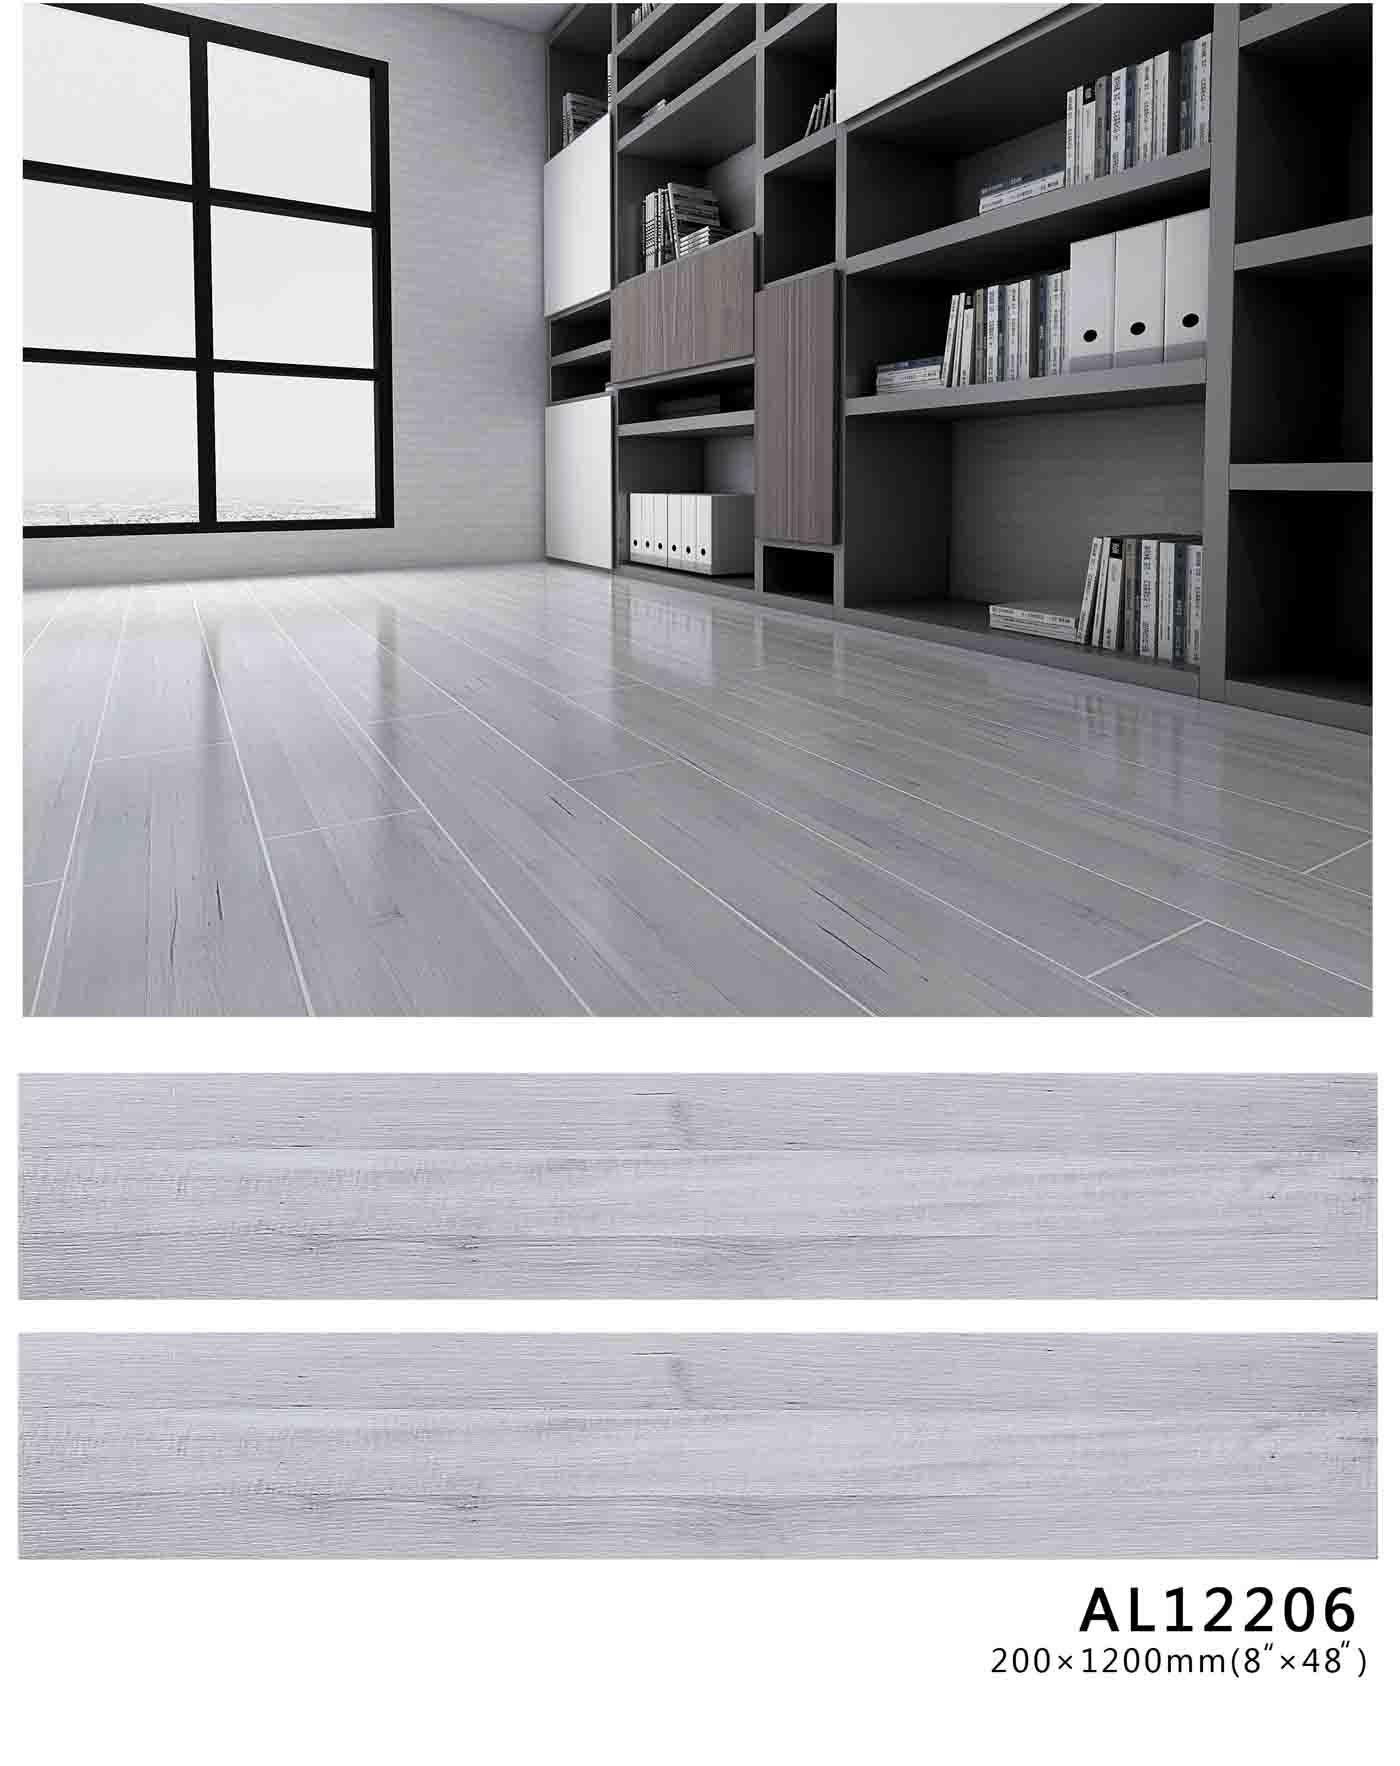 玉金山仿木纹地板砖-木纹地砖厂家-海南复古木纹地板砖厂家A